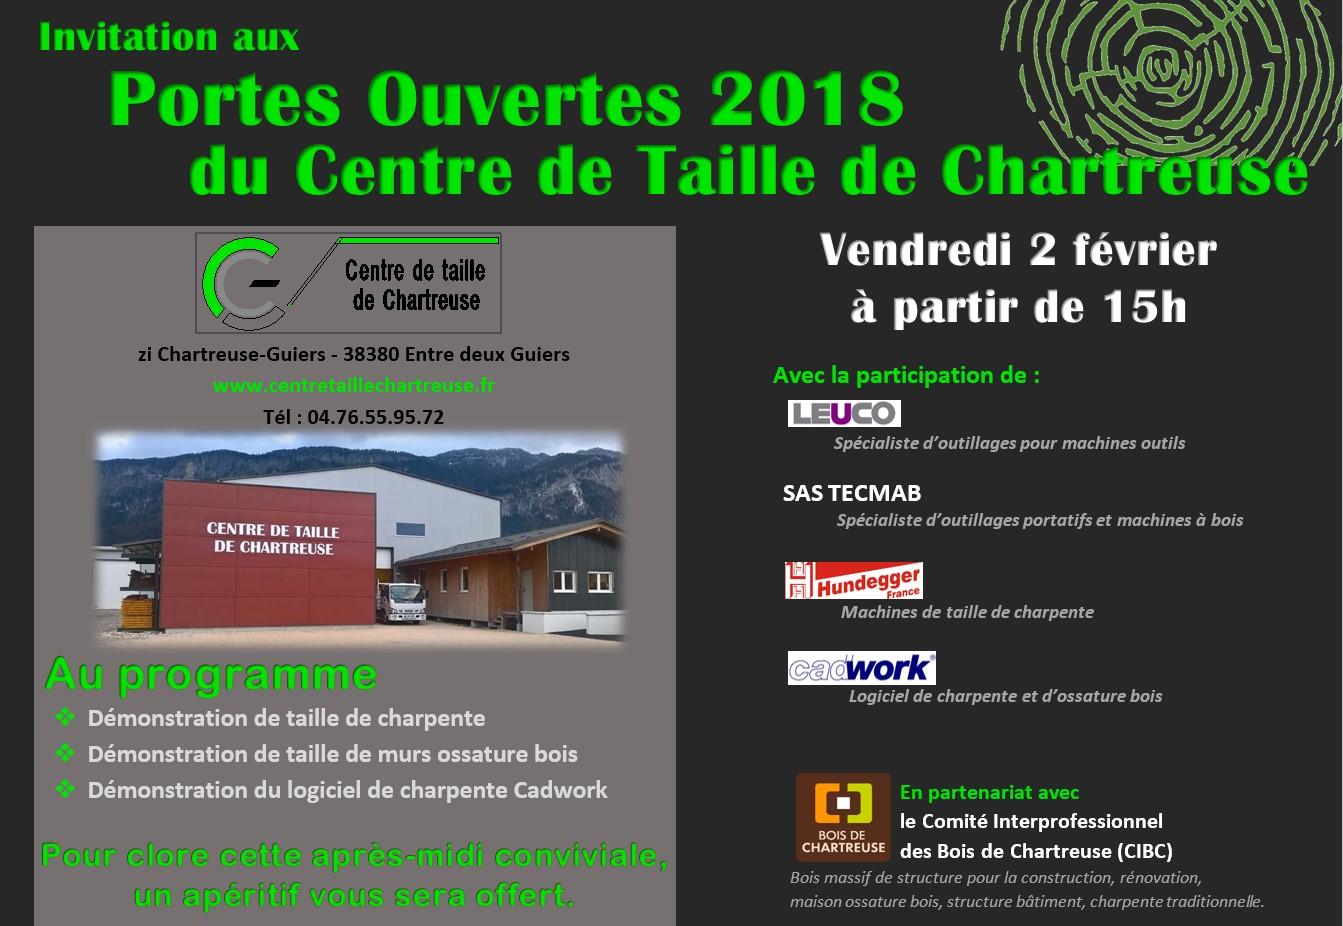 Invitation Portes ouvertes Centre de Taille de Chartreuse